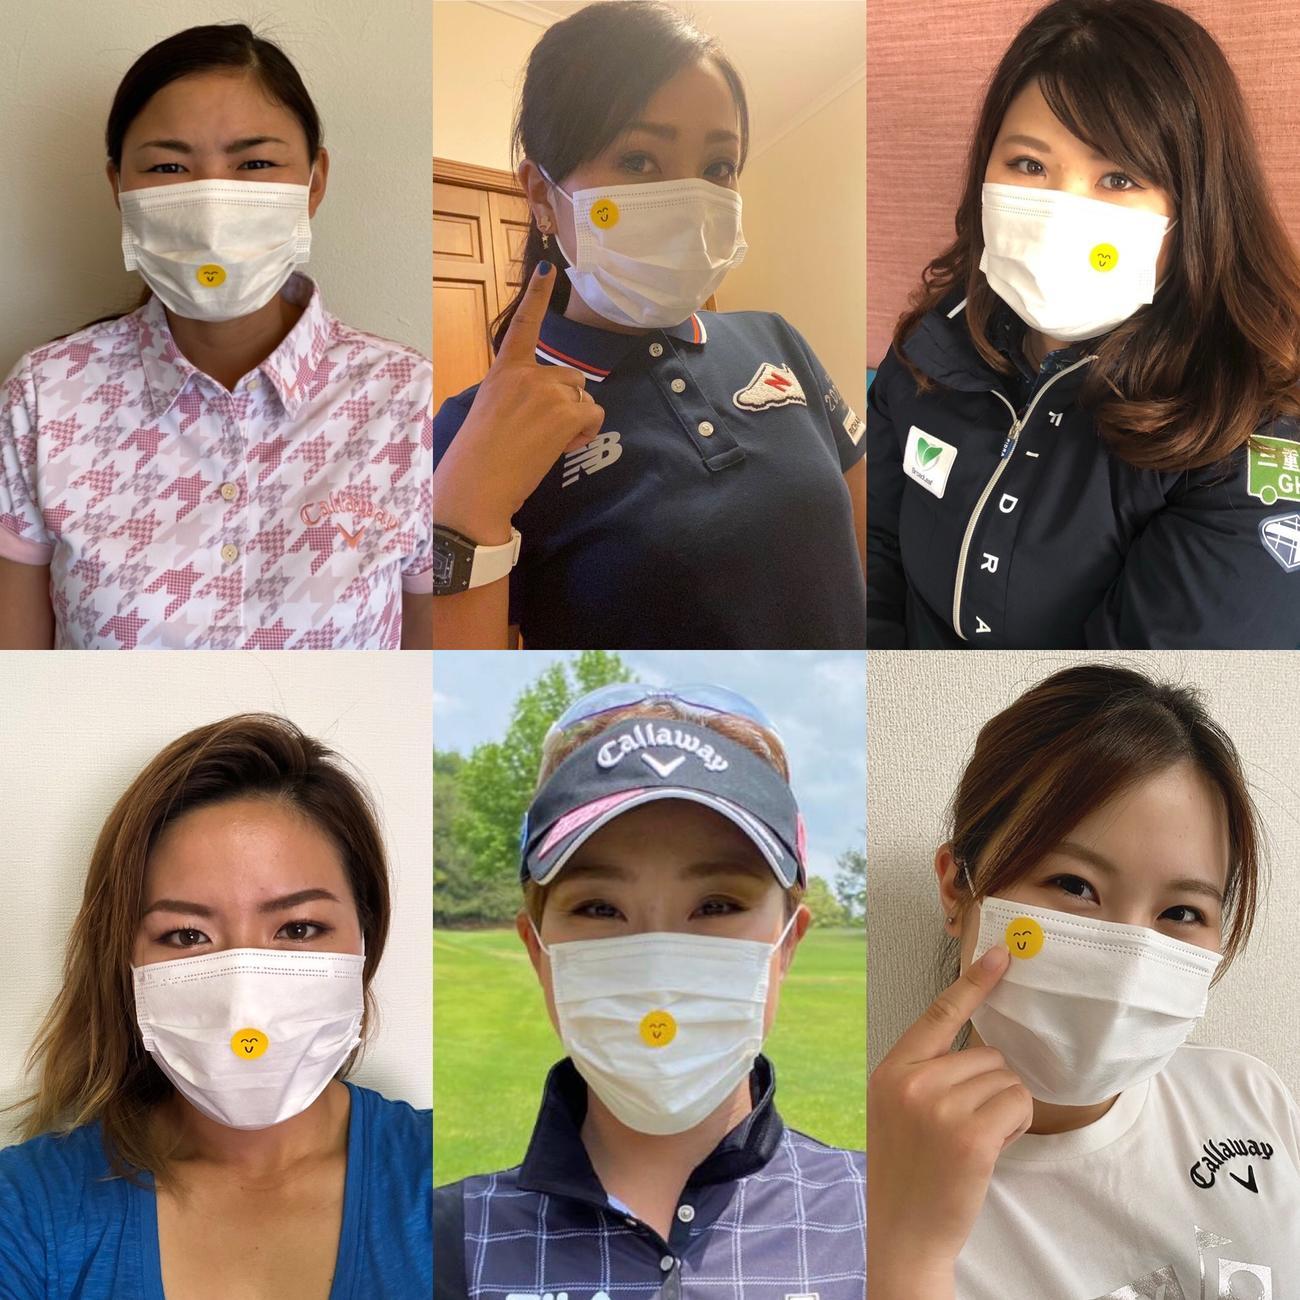 ニコちゃんマーク付きのマスク姿を披露した青木瀬令奈(上段中央)ら6人